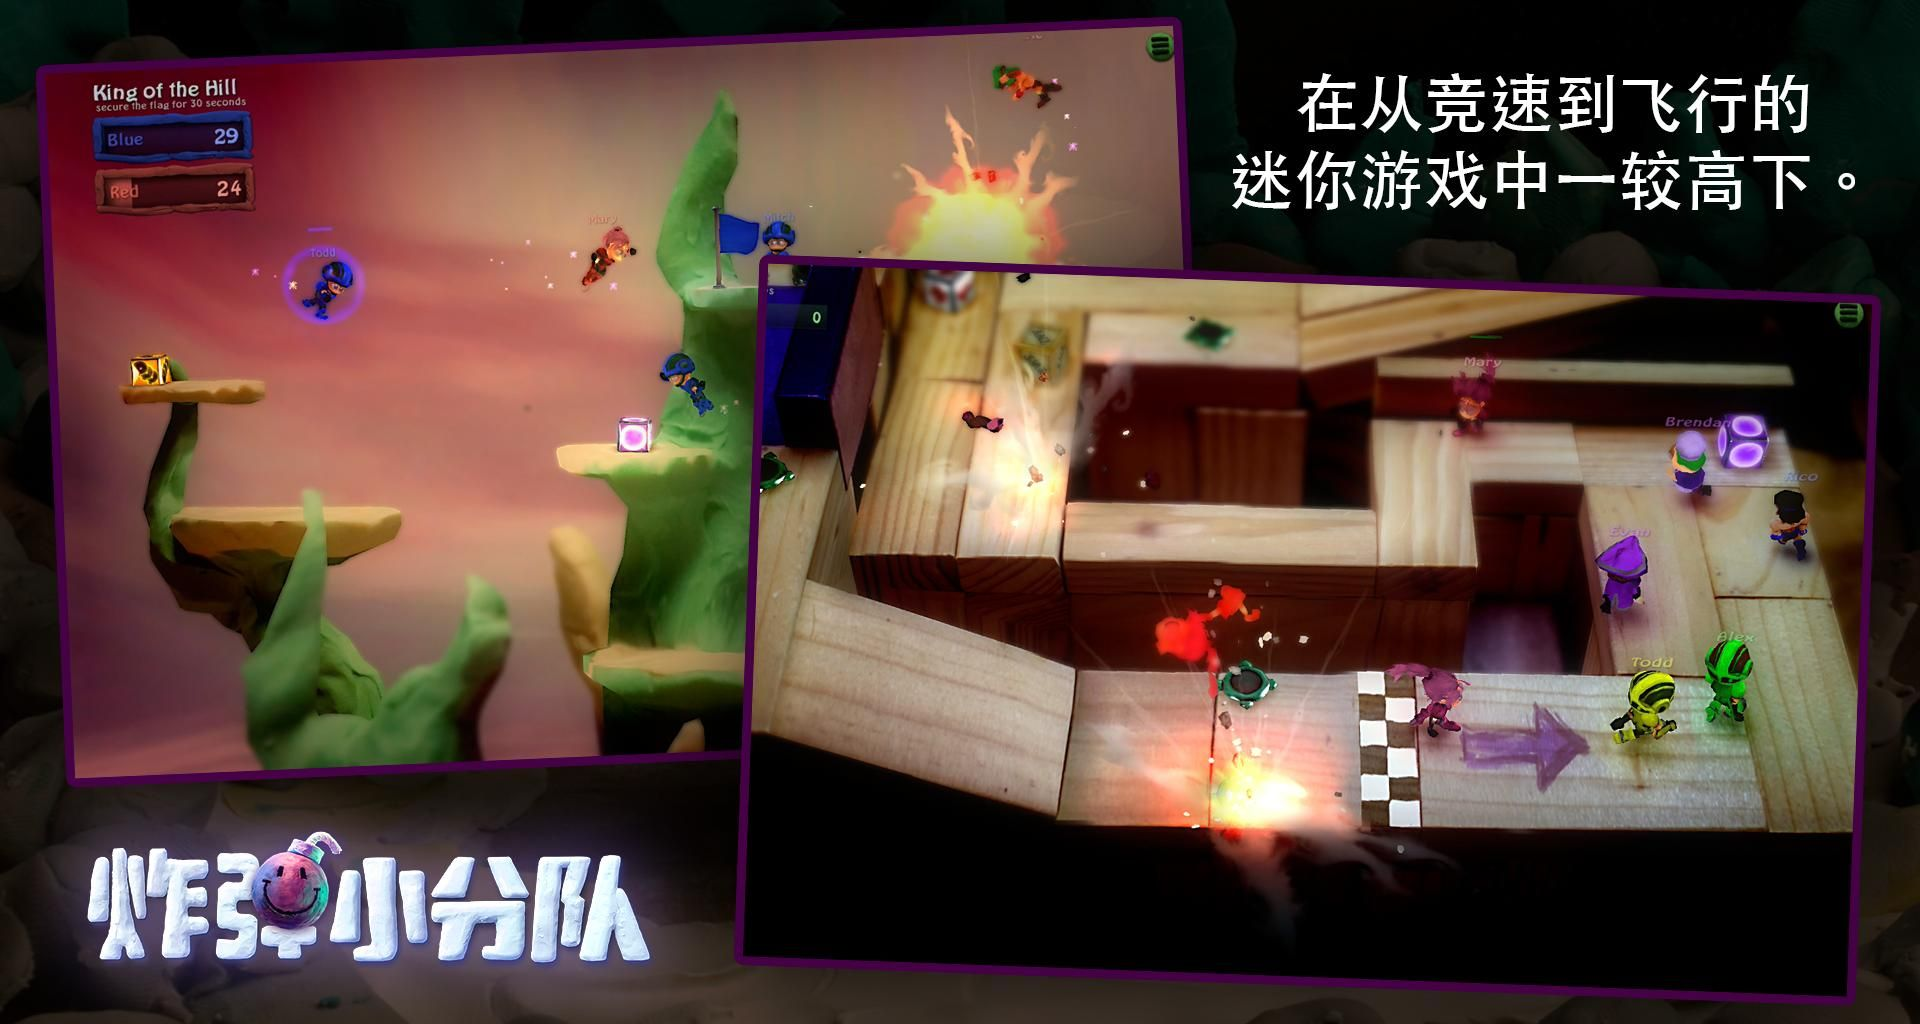 炸弹小分队游戏免费修改中文版下载图4: